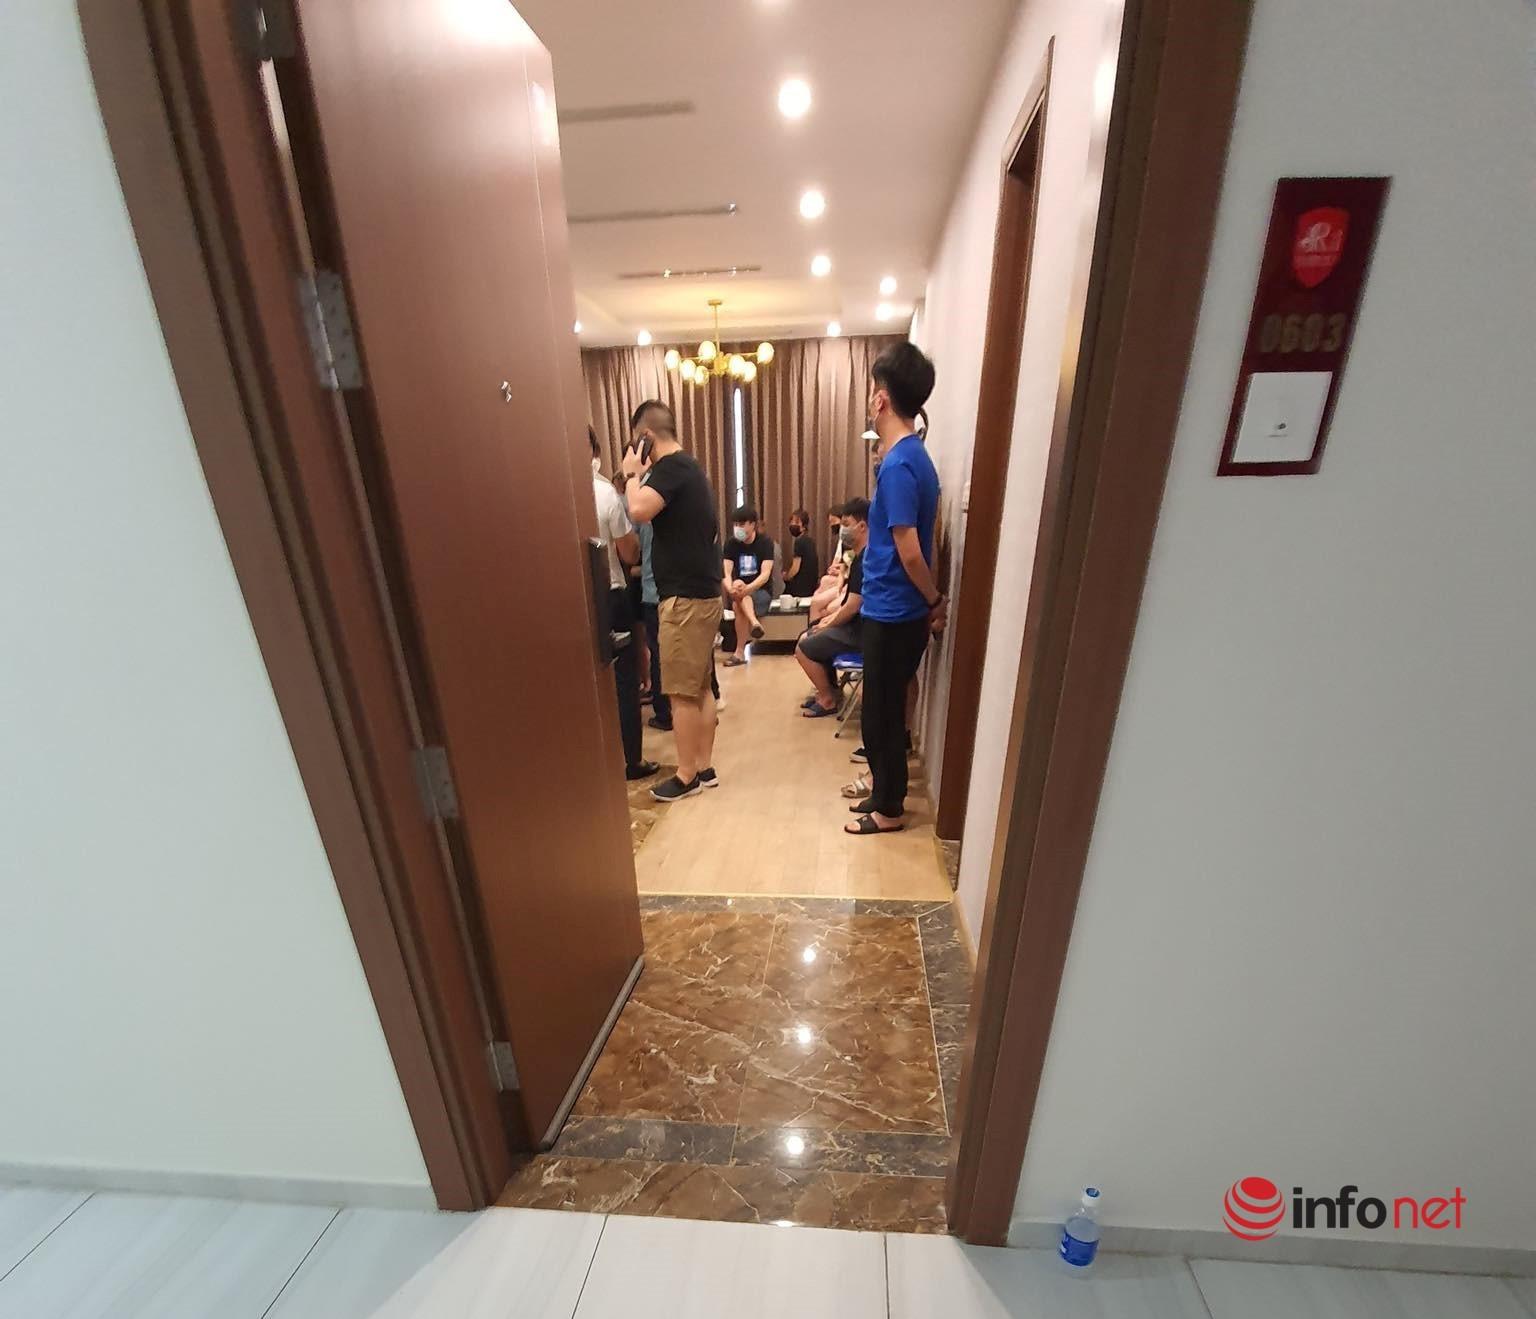 46 người Trung Quốc nhập cảnh trái phép ở chung cư Hà Nội đưa đi cách ly ở đâu?